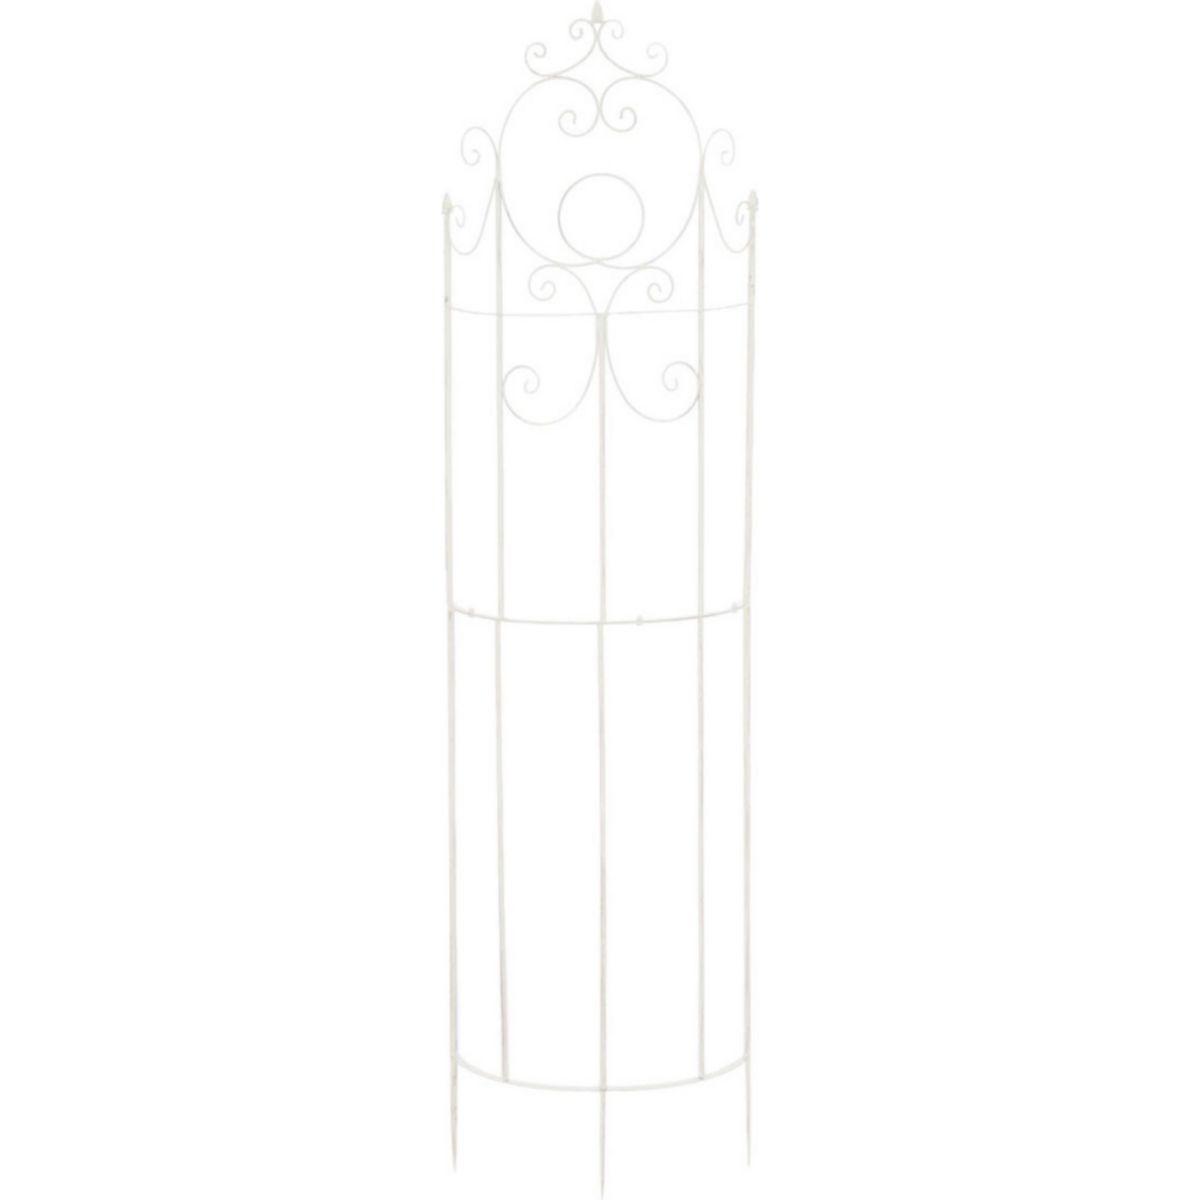 halbrundes Metall-Rankgitter 200 cm LAVENDEL aus Eisen, Größe ca. x 50 cm, bis zu 6 Farben wählen jetztbilligerkaufen